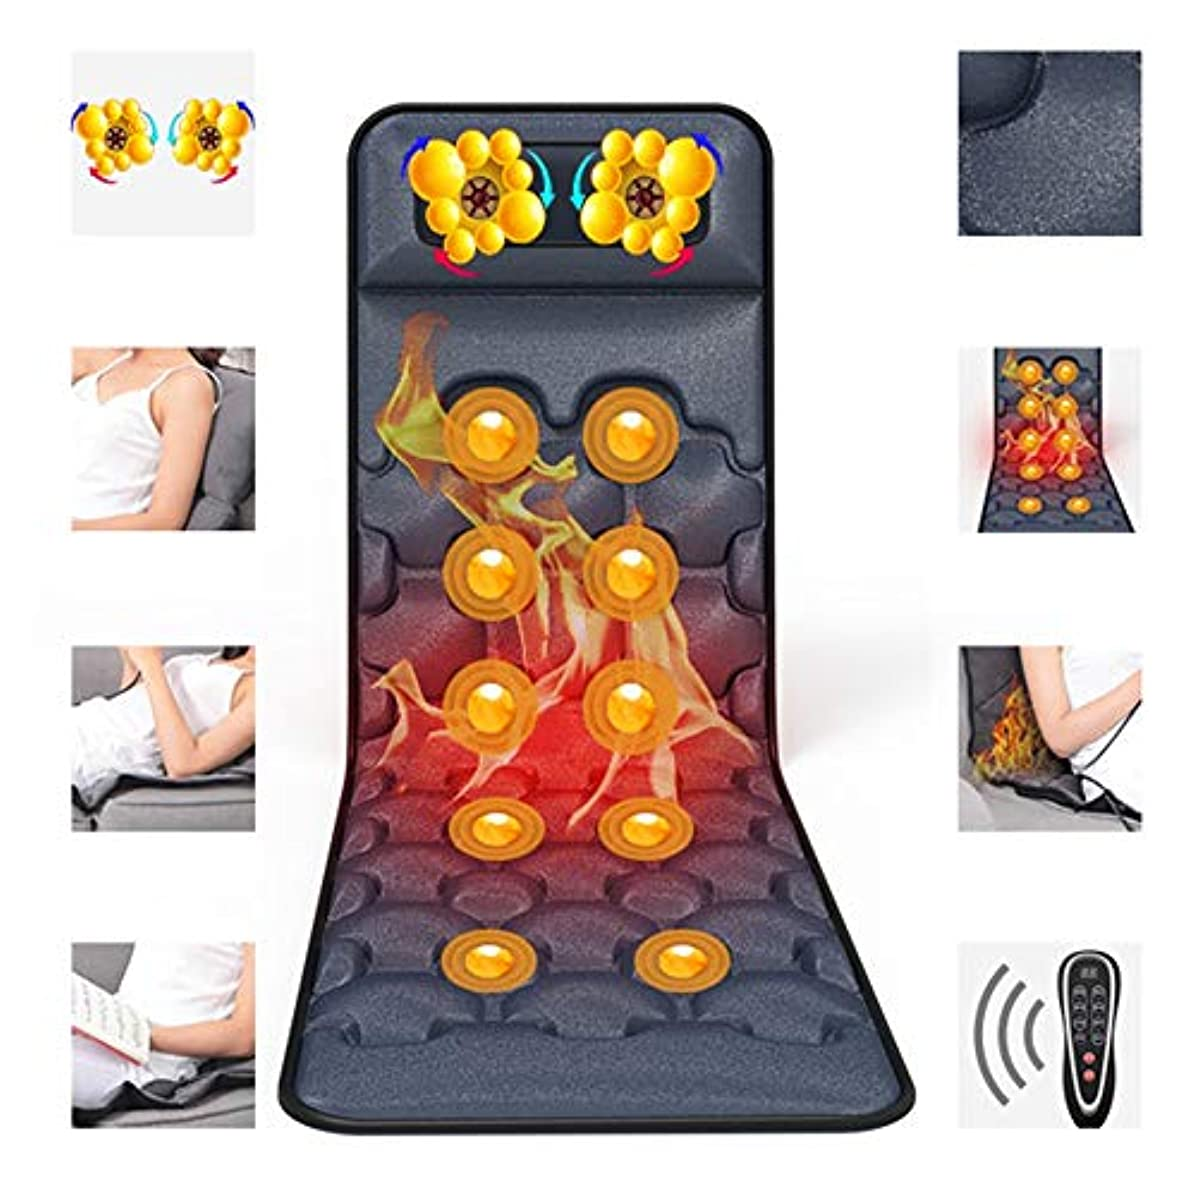 銛寛容バッグアッパー/腰腰下肢の痛みを軽減するピンポイントマッサージ用パッドのマッサージマットマットレス多機能暖房セラピーマッサージマッサージフルボディ、